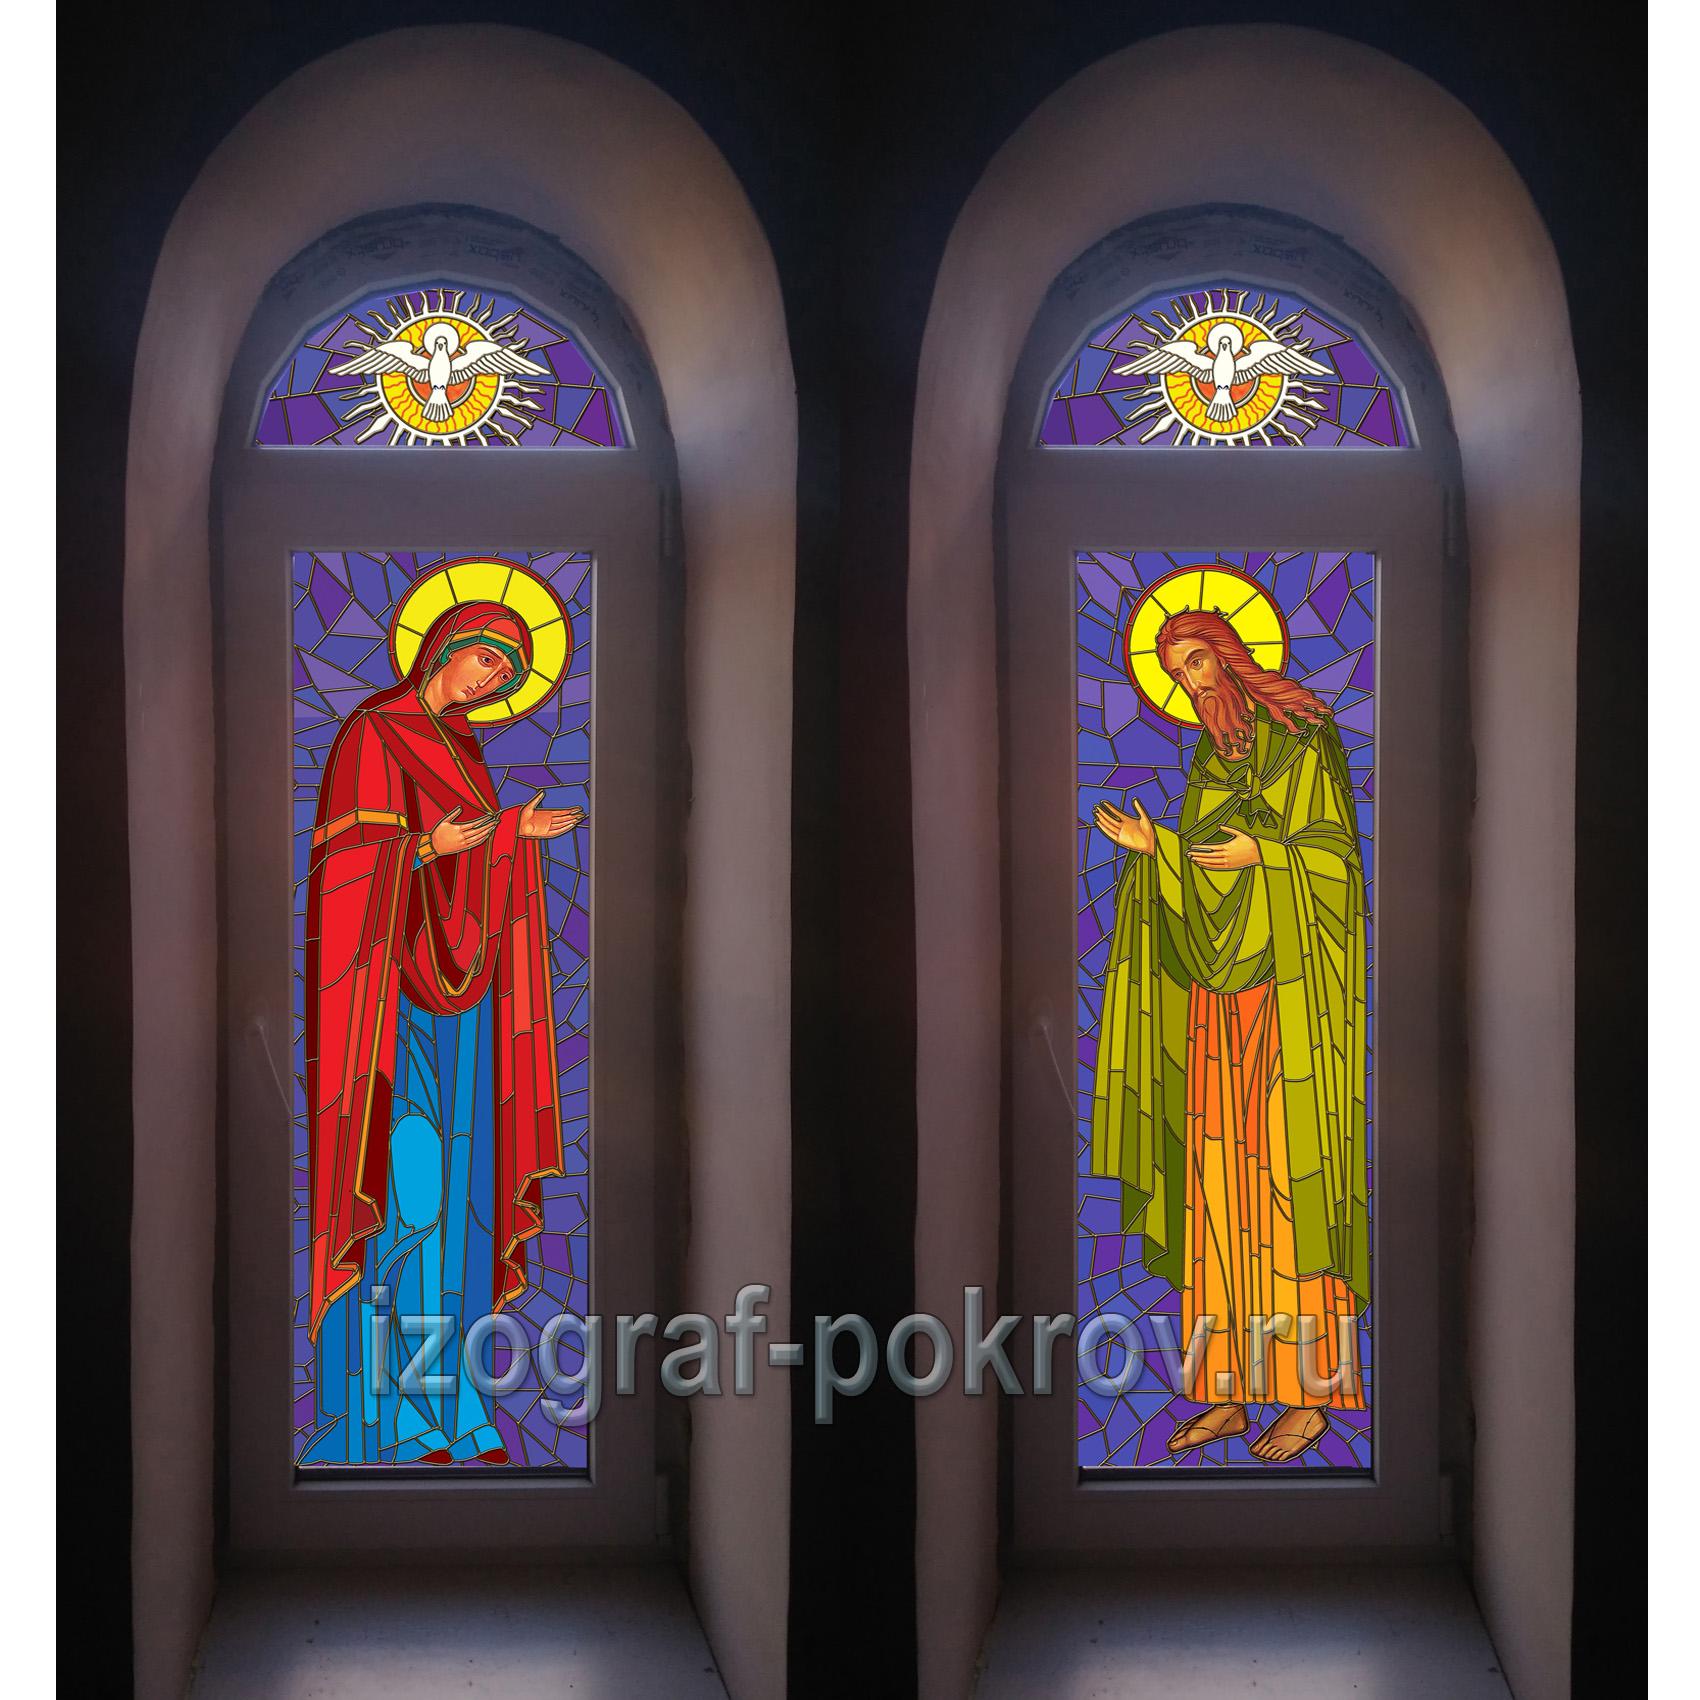 Богородица и Иоанн Предтеча - макет витража на окна для храма